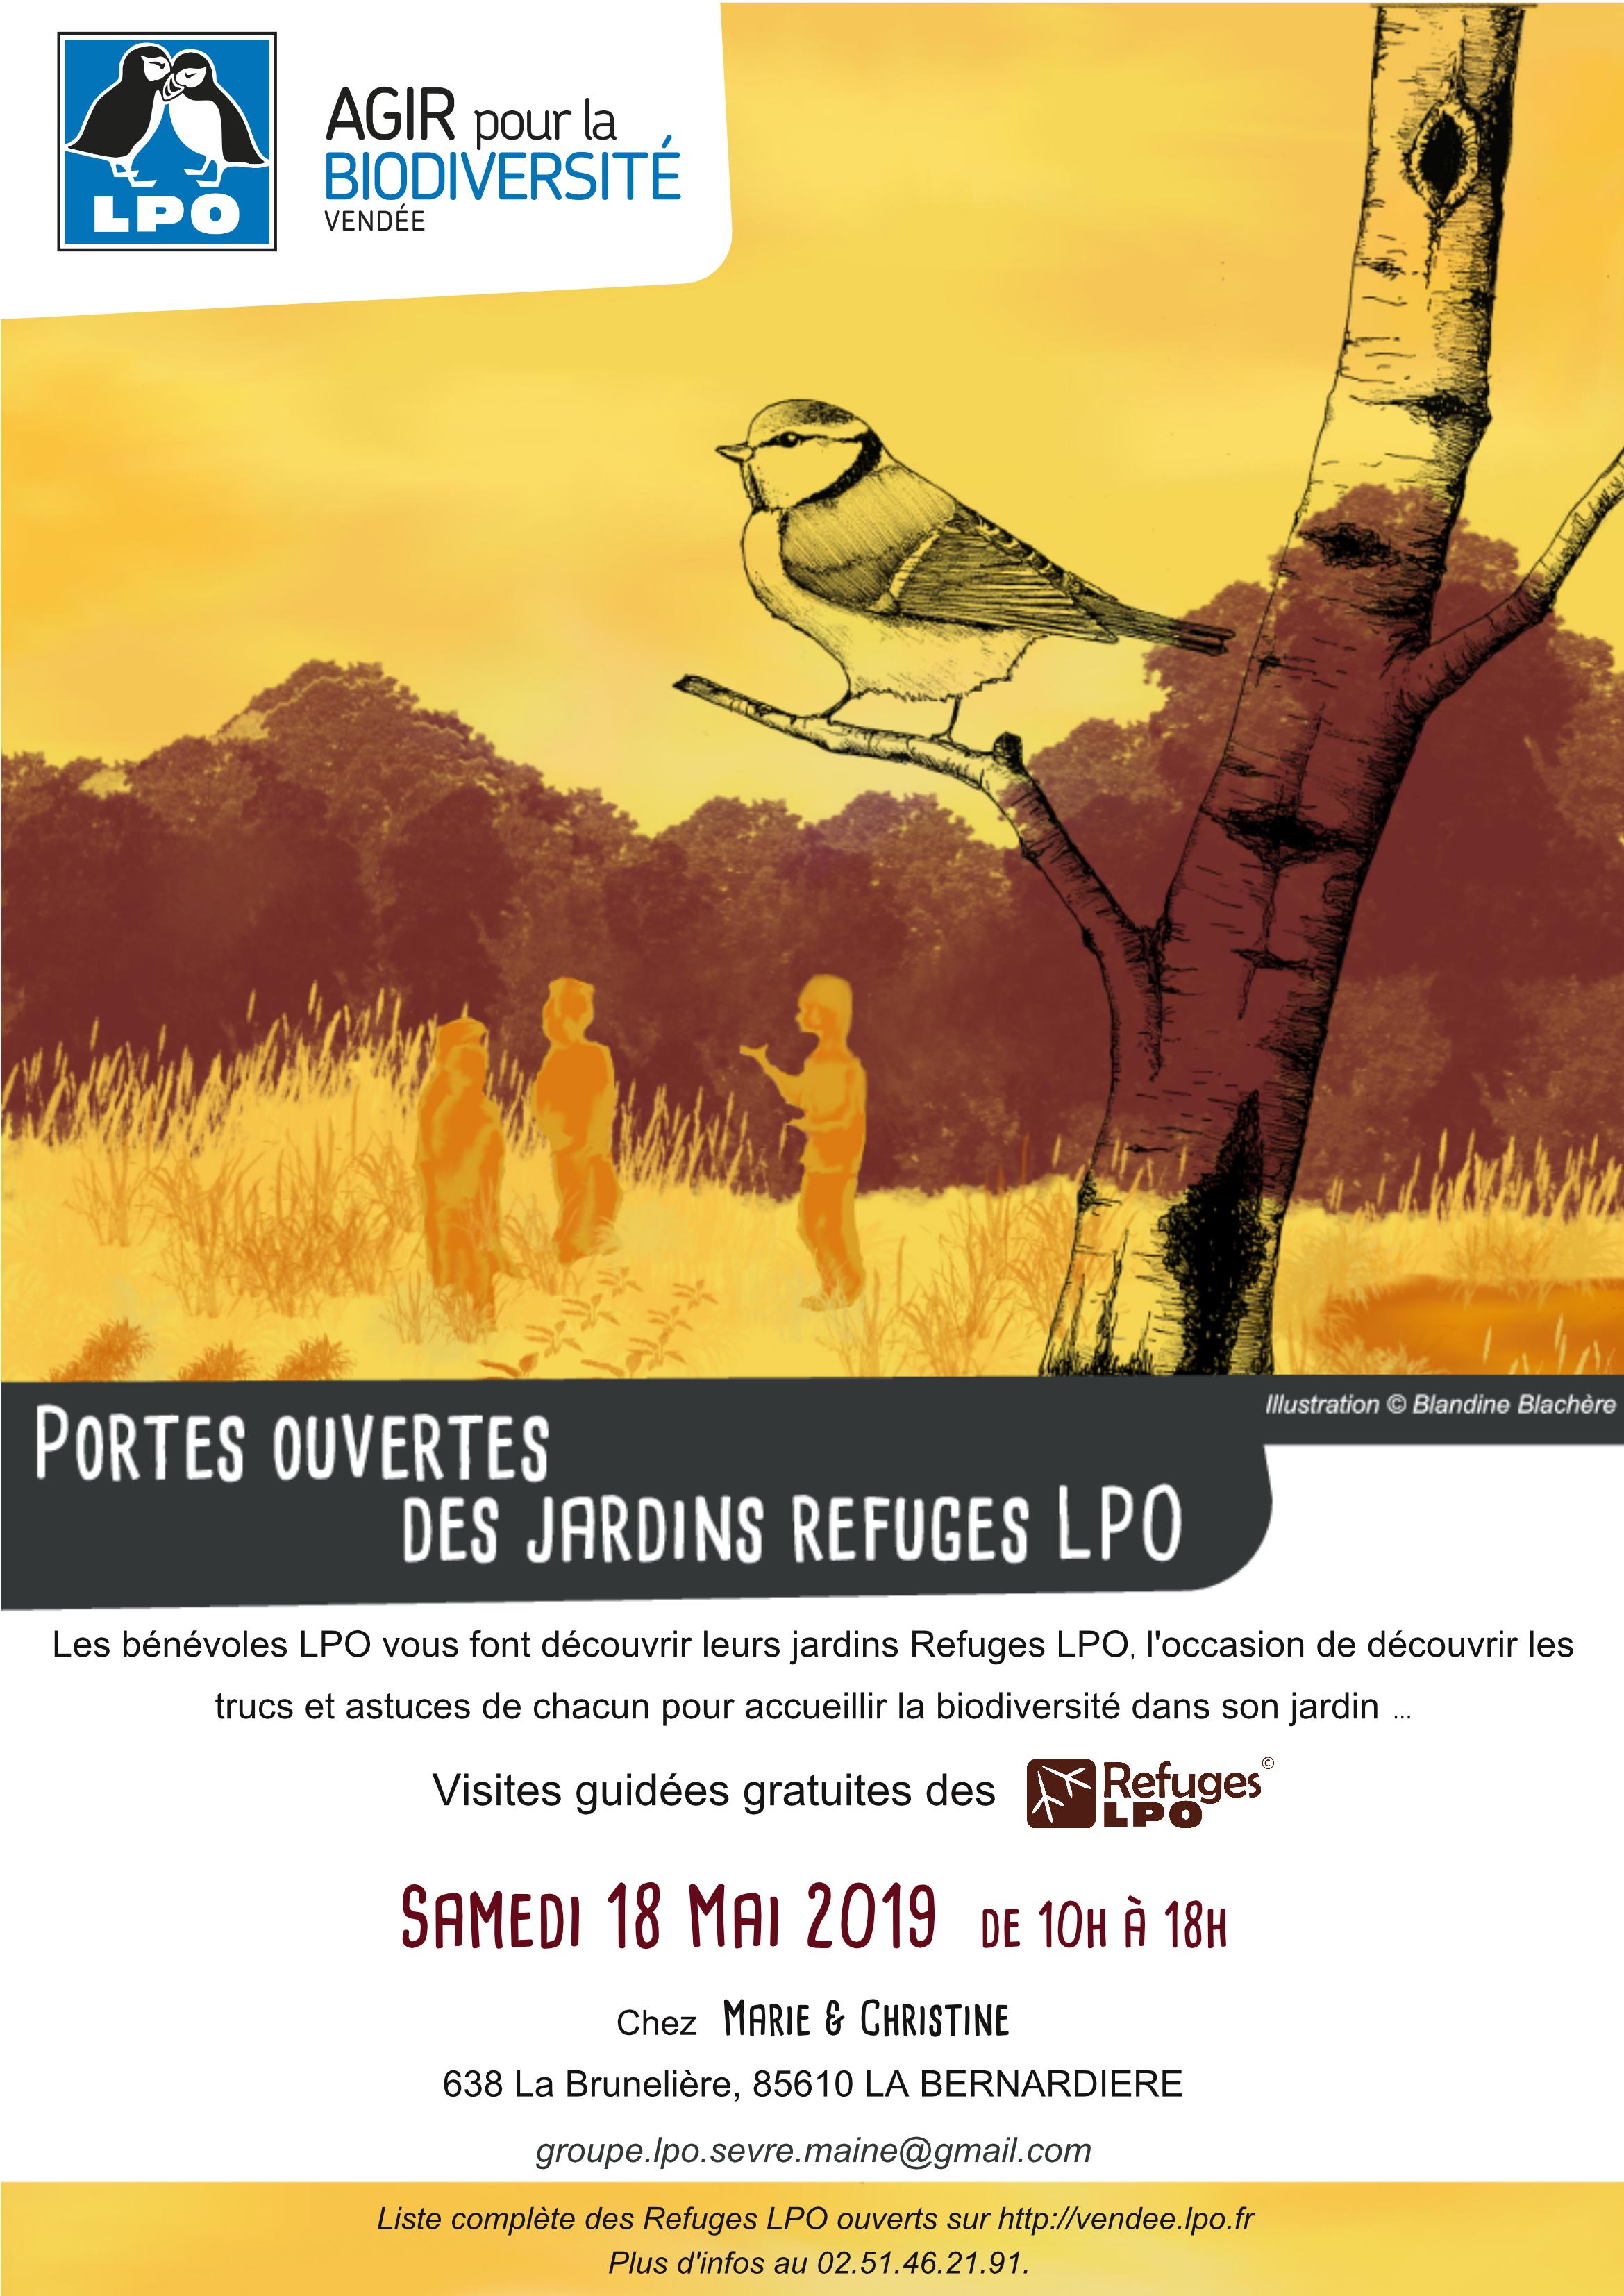 Portes ouvertes du Refuges LPO de Marie et Christine